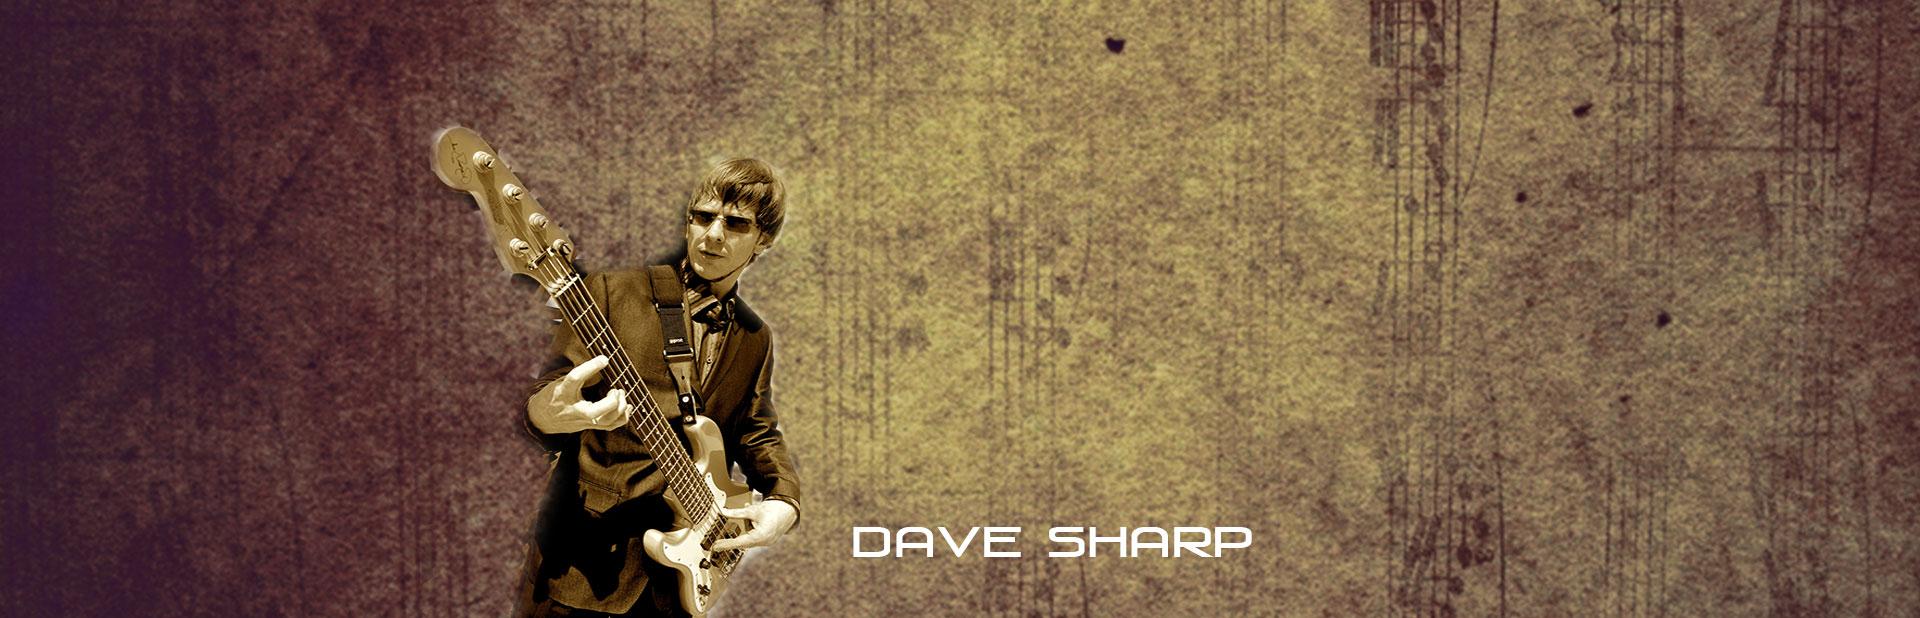 Dave Sharp